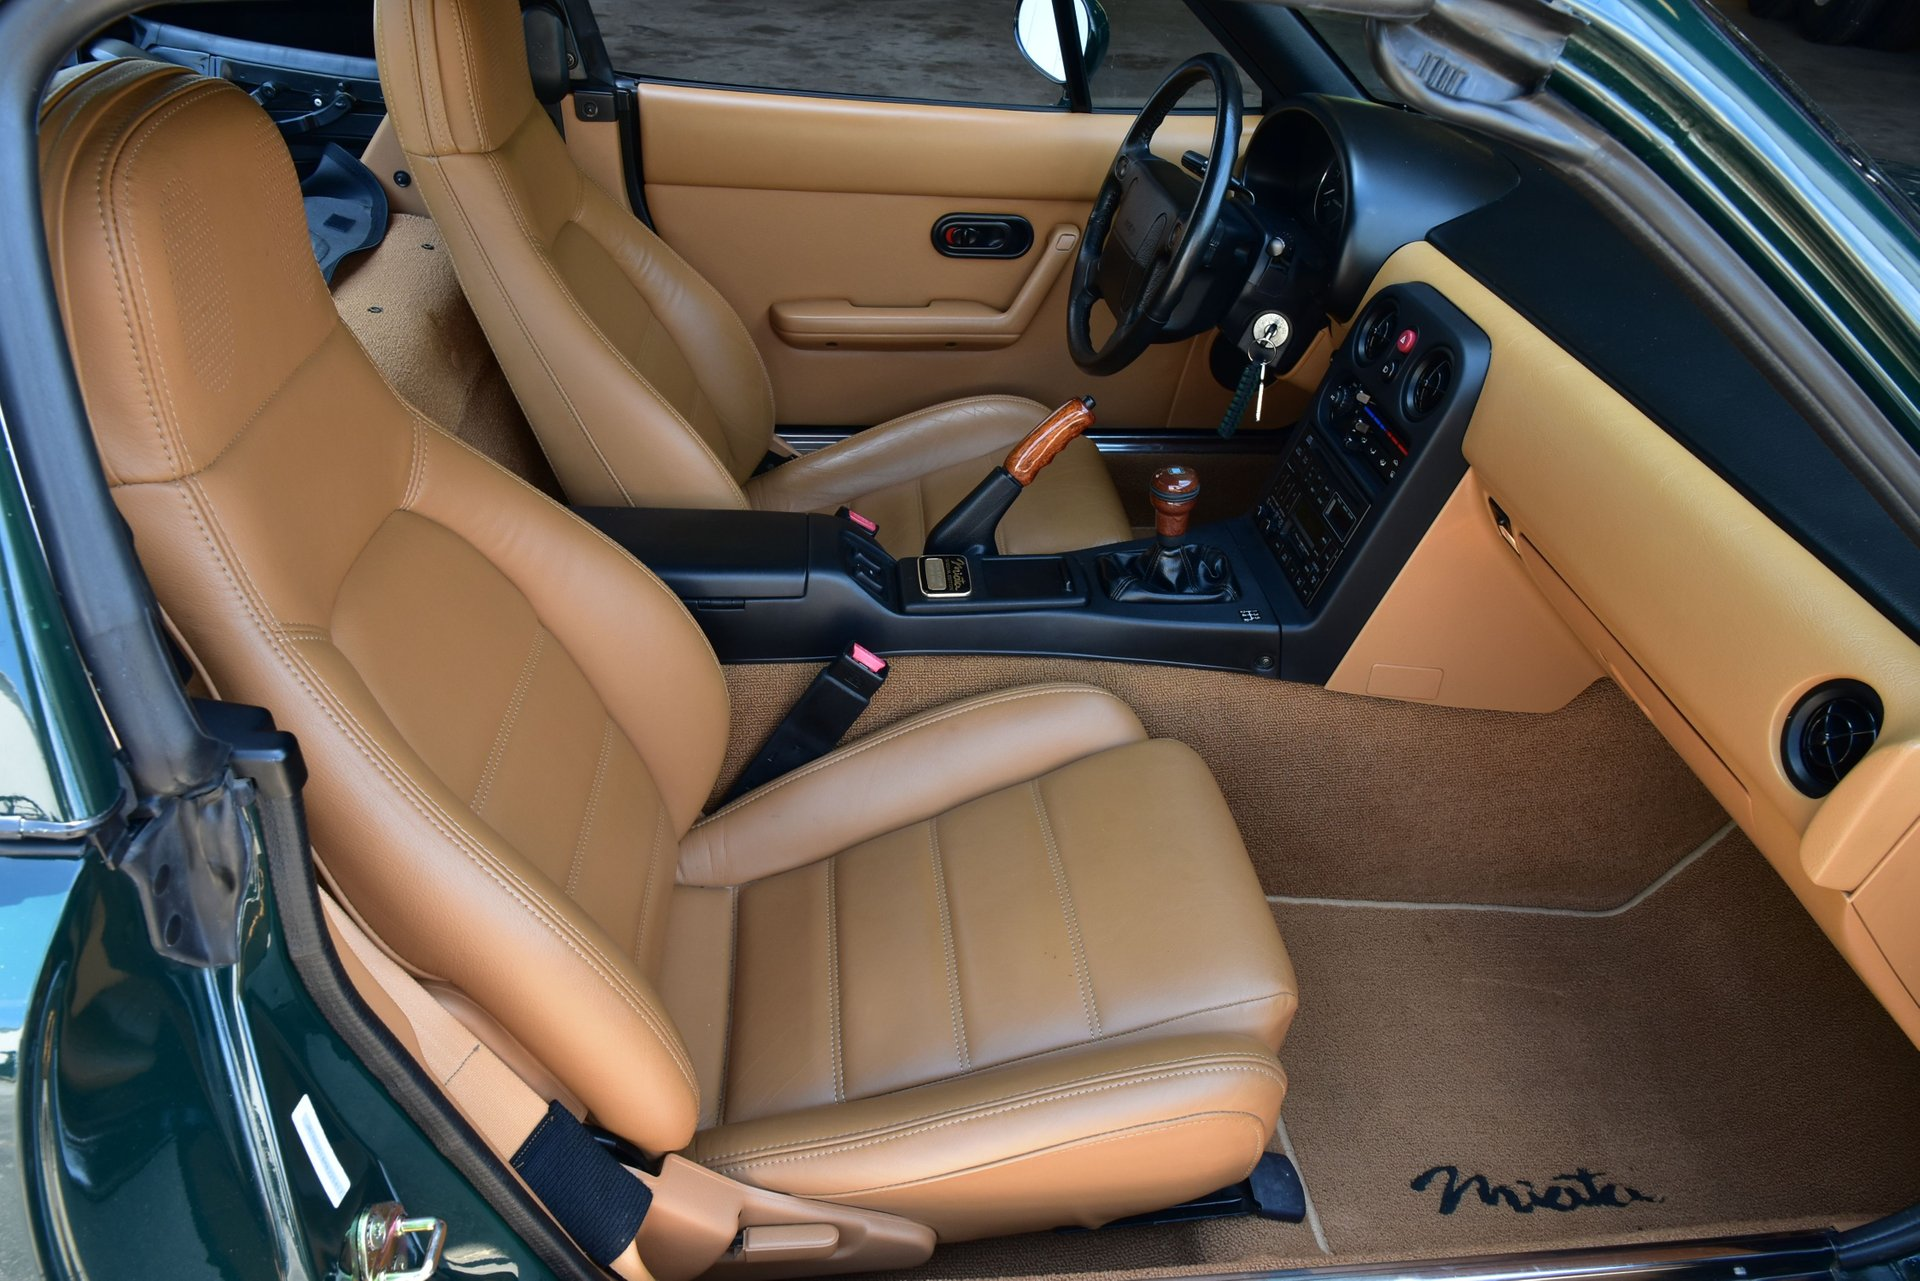 1991 Mazda Miata Special Edition interior front